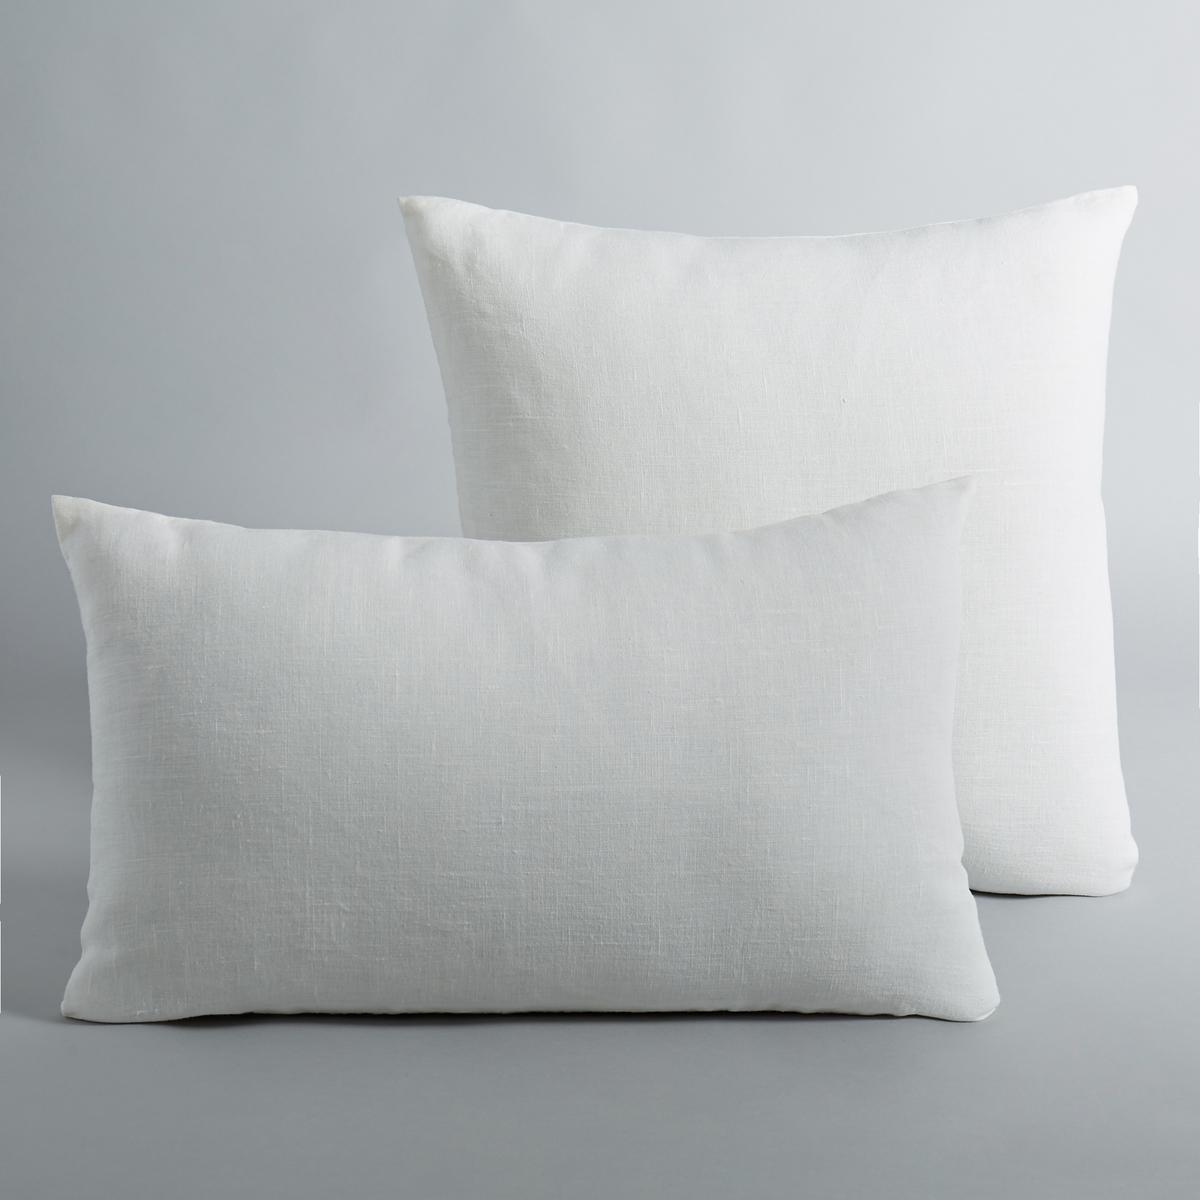 Льняной чехол для подушки, GeorgetteЛьняной чехол для подушки Georgette отлично сочетается с покрывалом Georgette, которое вы можете приобрести на сайте ampm.ru. Лен : создаёт ощущение нежности и мягкости, со временем он становится более эластичным и более красивым.Материал : - 100% льнаРазмер : - 50 x 30см : прямоугольная форма- 45 x 45 см : квадратная наволочка<br><br>Цвет: белый,светло-серый,серо-зеленый,синий морской,темно-синий,цвет неокрашенного льна,ягодный